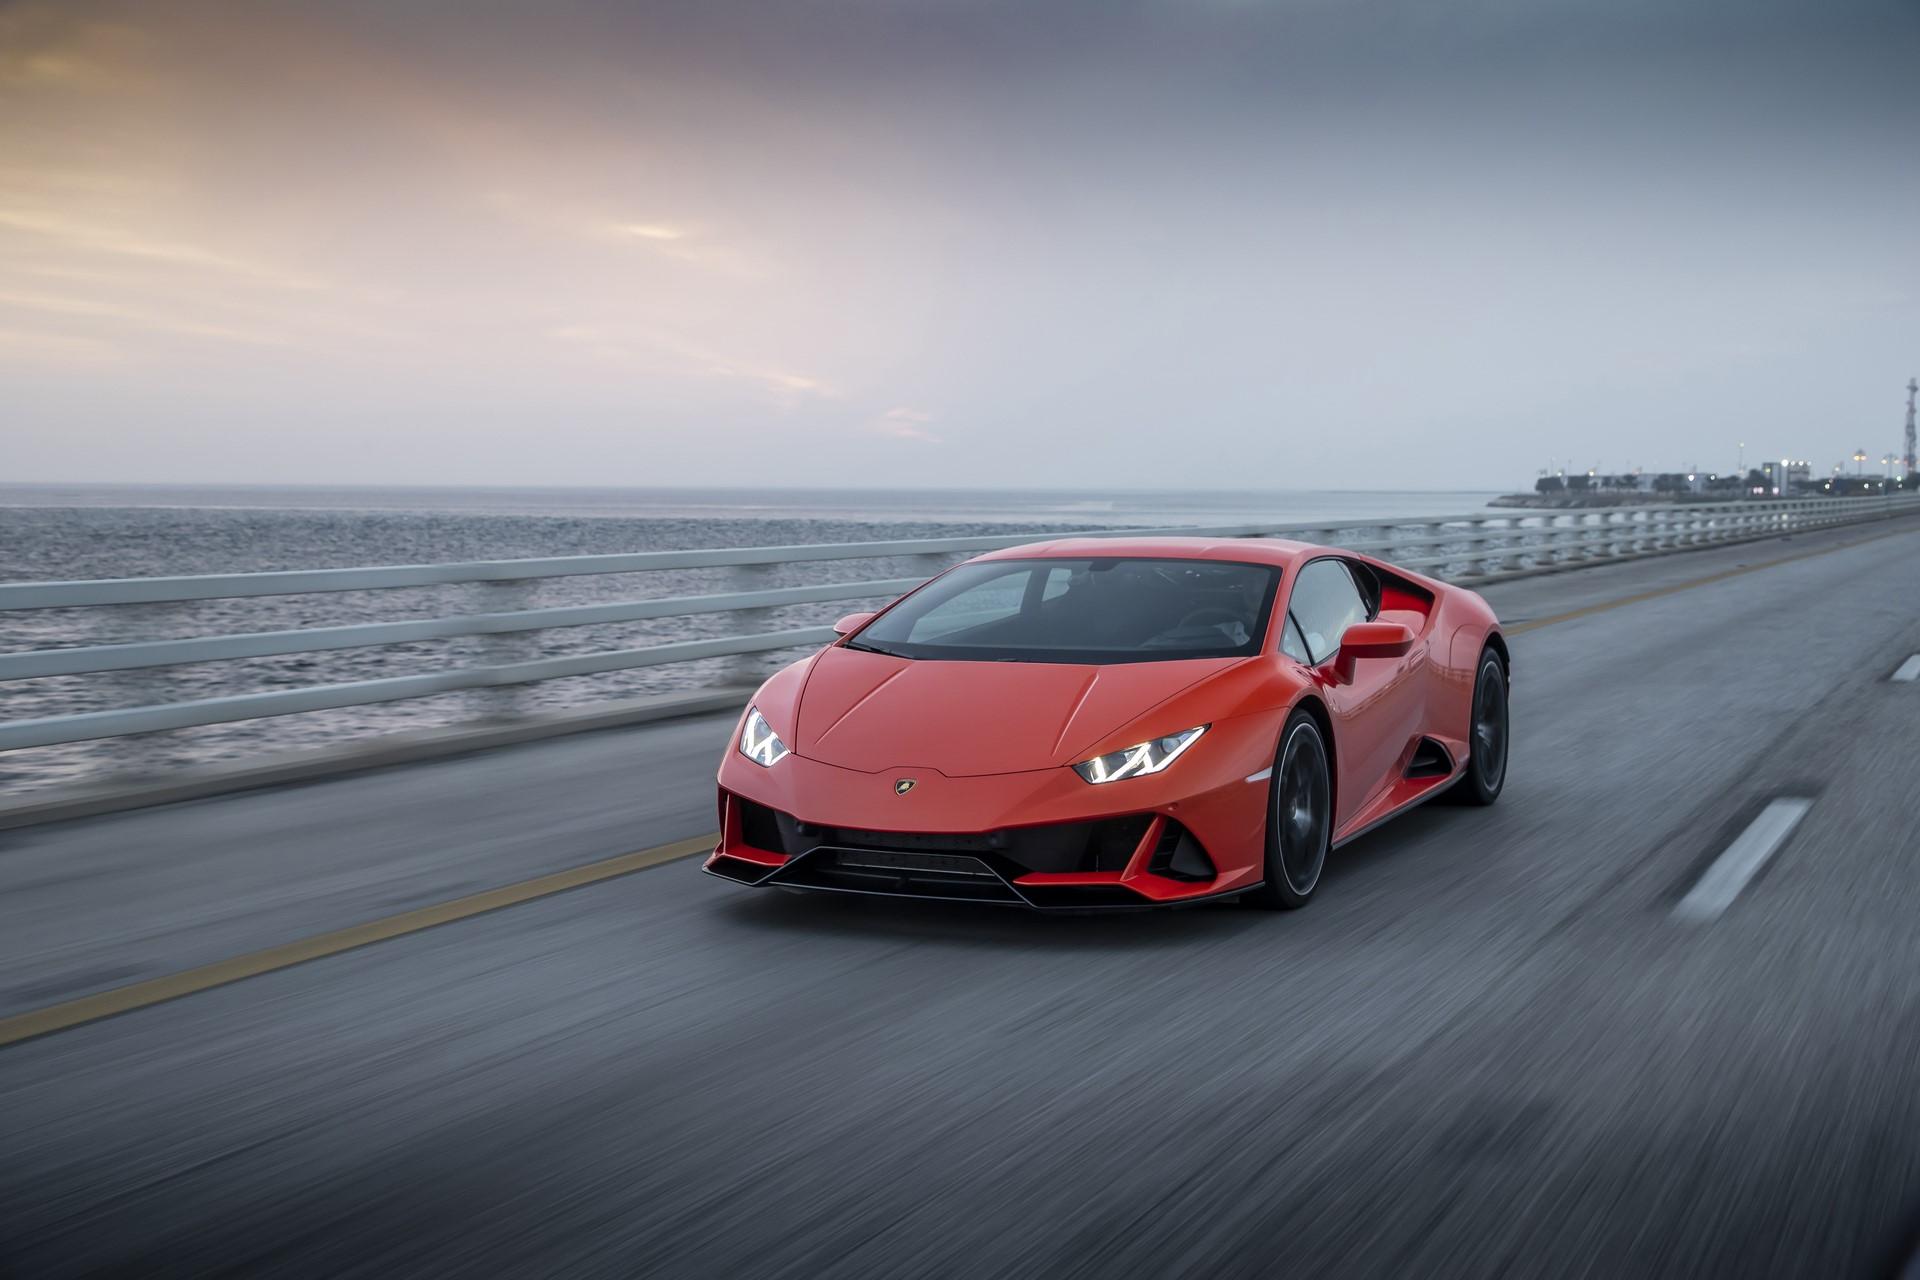 Lamborghini Huracan Evo 2019 (3)